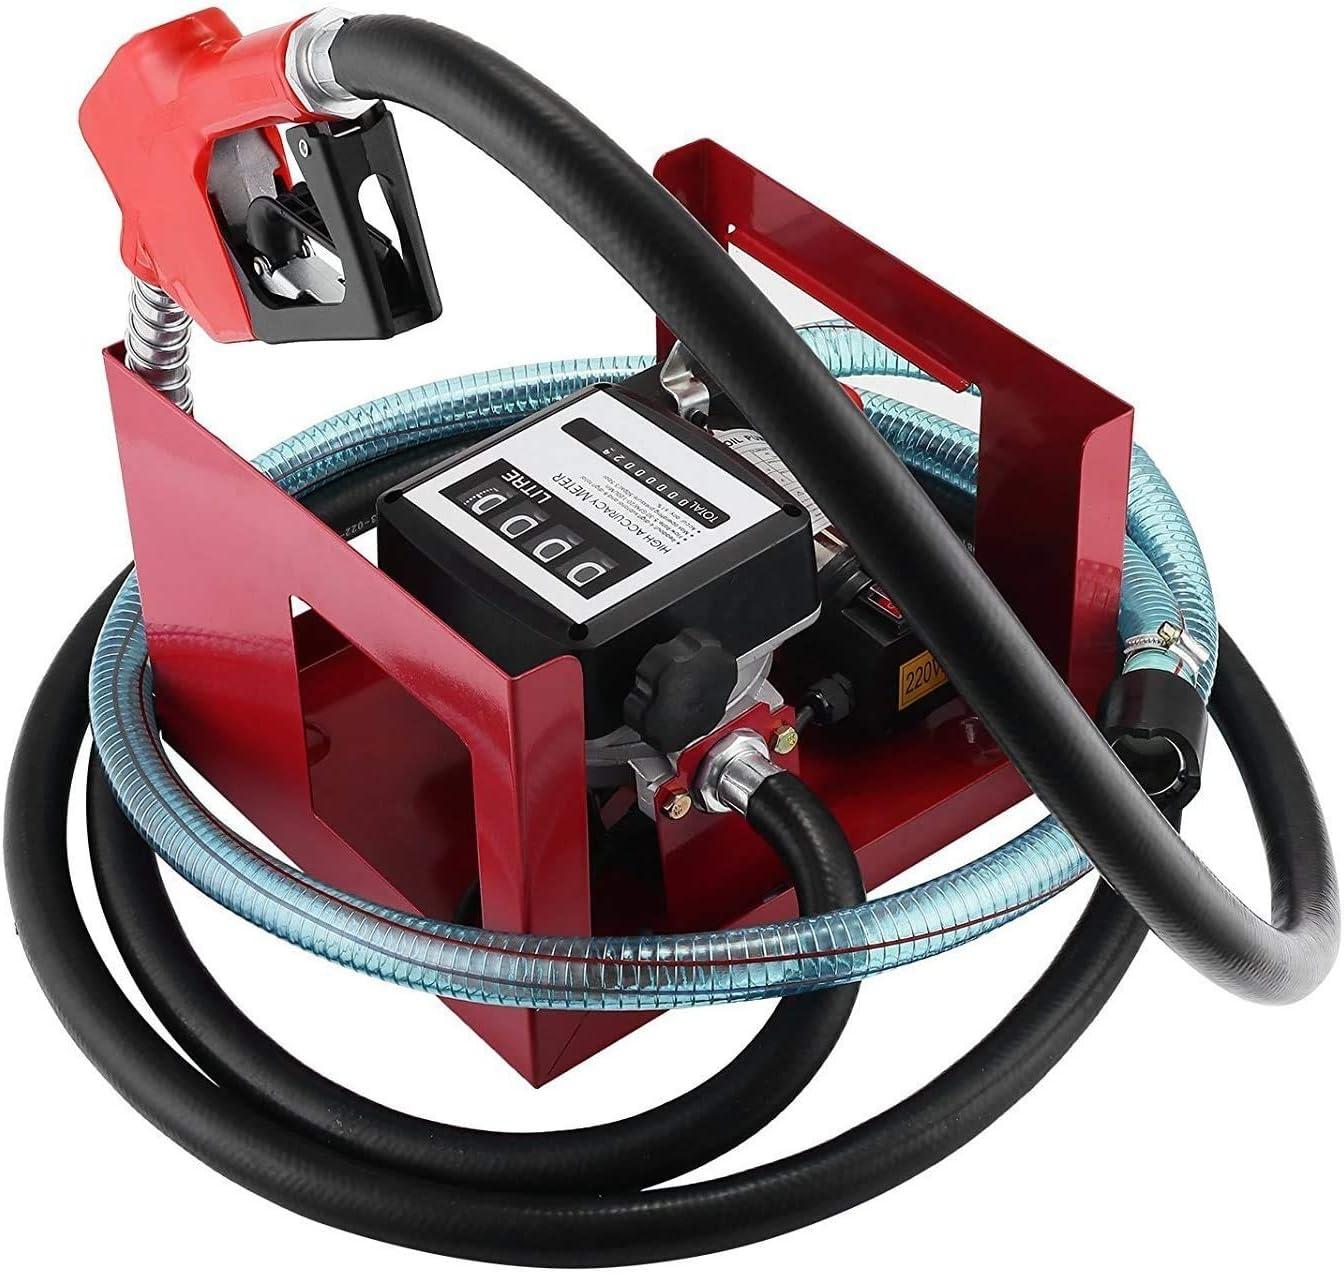 VEVOR diesel pump diesel pump 240v oil transfer pump pump diesel 40L//MIN 600W Electric Fuel Self Priming Diesel Transfer Pump Oil Diesel Single-Phase 600 W Low Noise